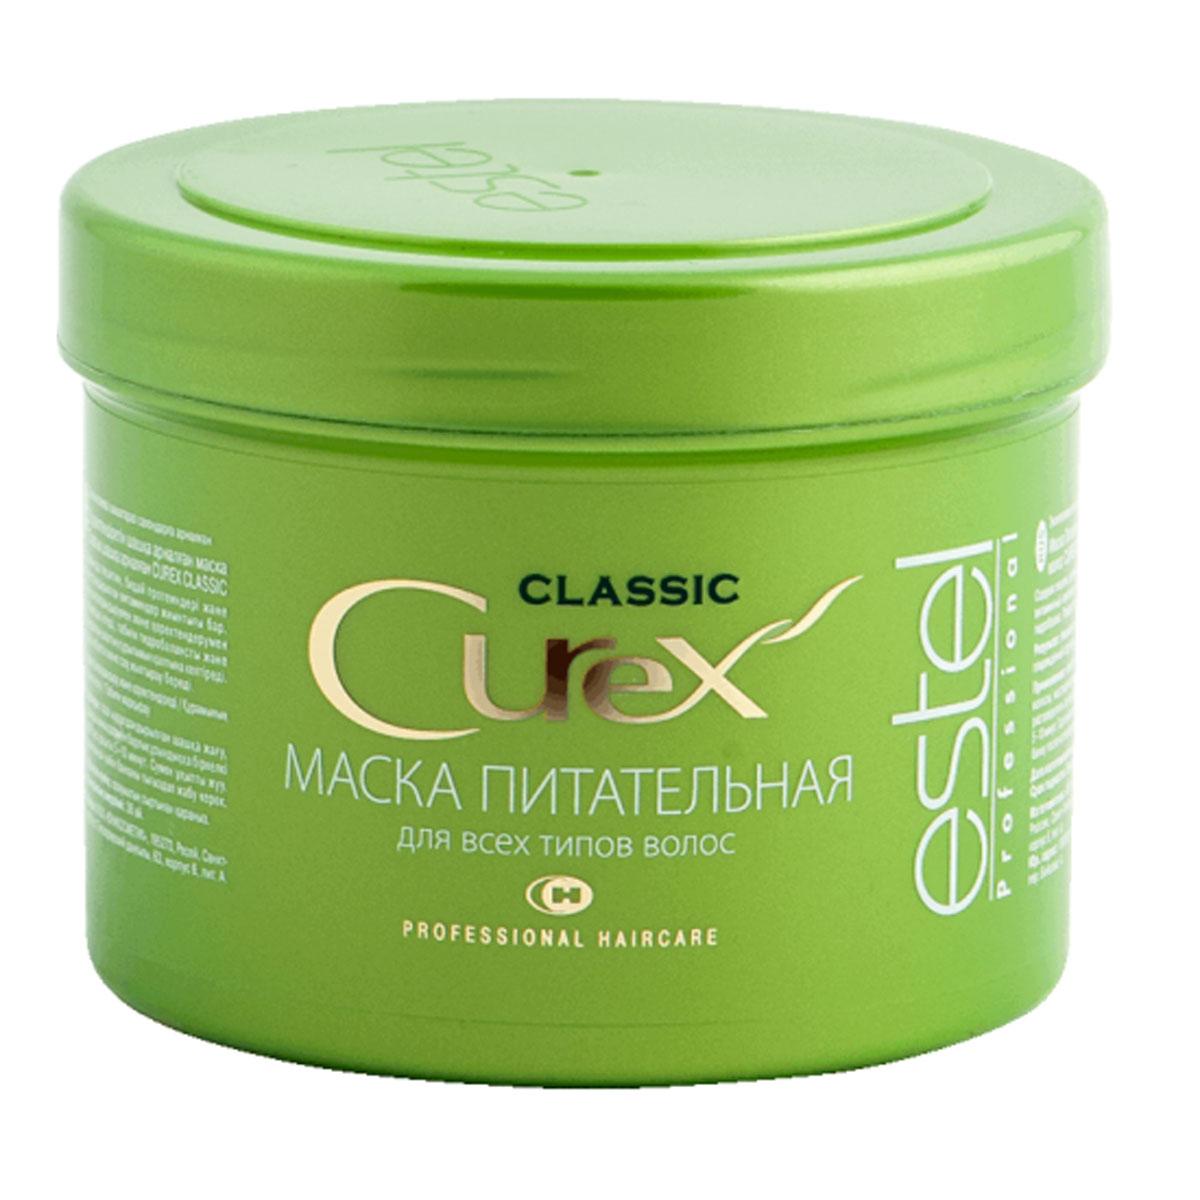 Estel Curex Classic Маска для волос Питательная 500 млCU500/MМАСКА ДЛЯ ВОЛОС «ПИТАТЕЛЬНАЯ» ESTEL CUREX CLASSICдля всех типов волосСодержит экстракт каштана и сбалансированный витаминный комплекс. Обеспечивает глубокое увлажнение и питание, восстанавливает природный гидробаланс и структуру поврежденных волос. NEW! При регулярном применении сохраняет натуральный пигмент.Результат:Увлажнение и питаниеВосстановление поврежденной структурыЕстественный блеск